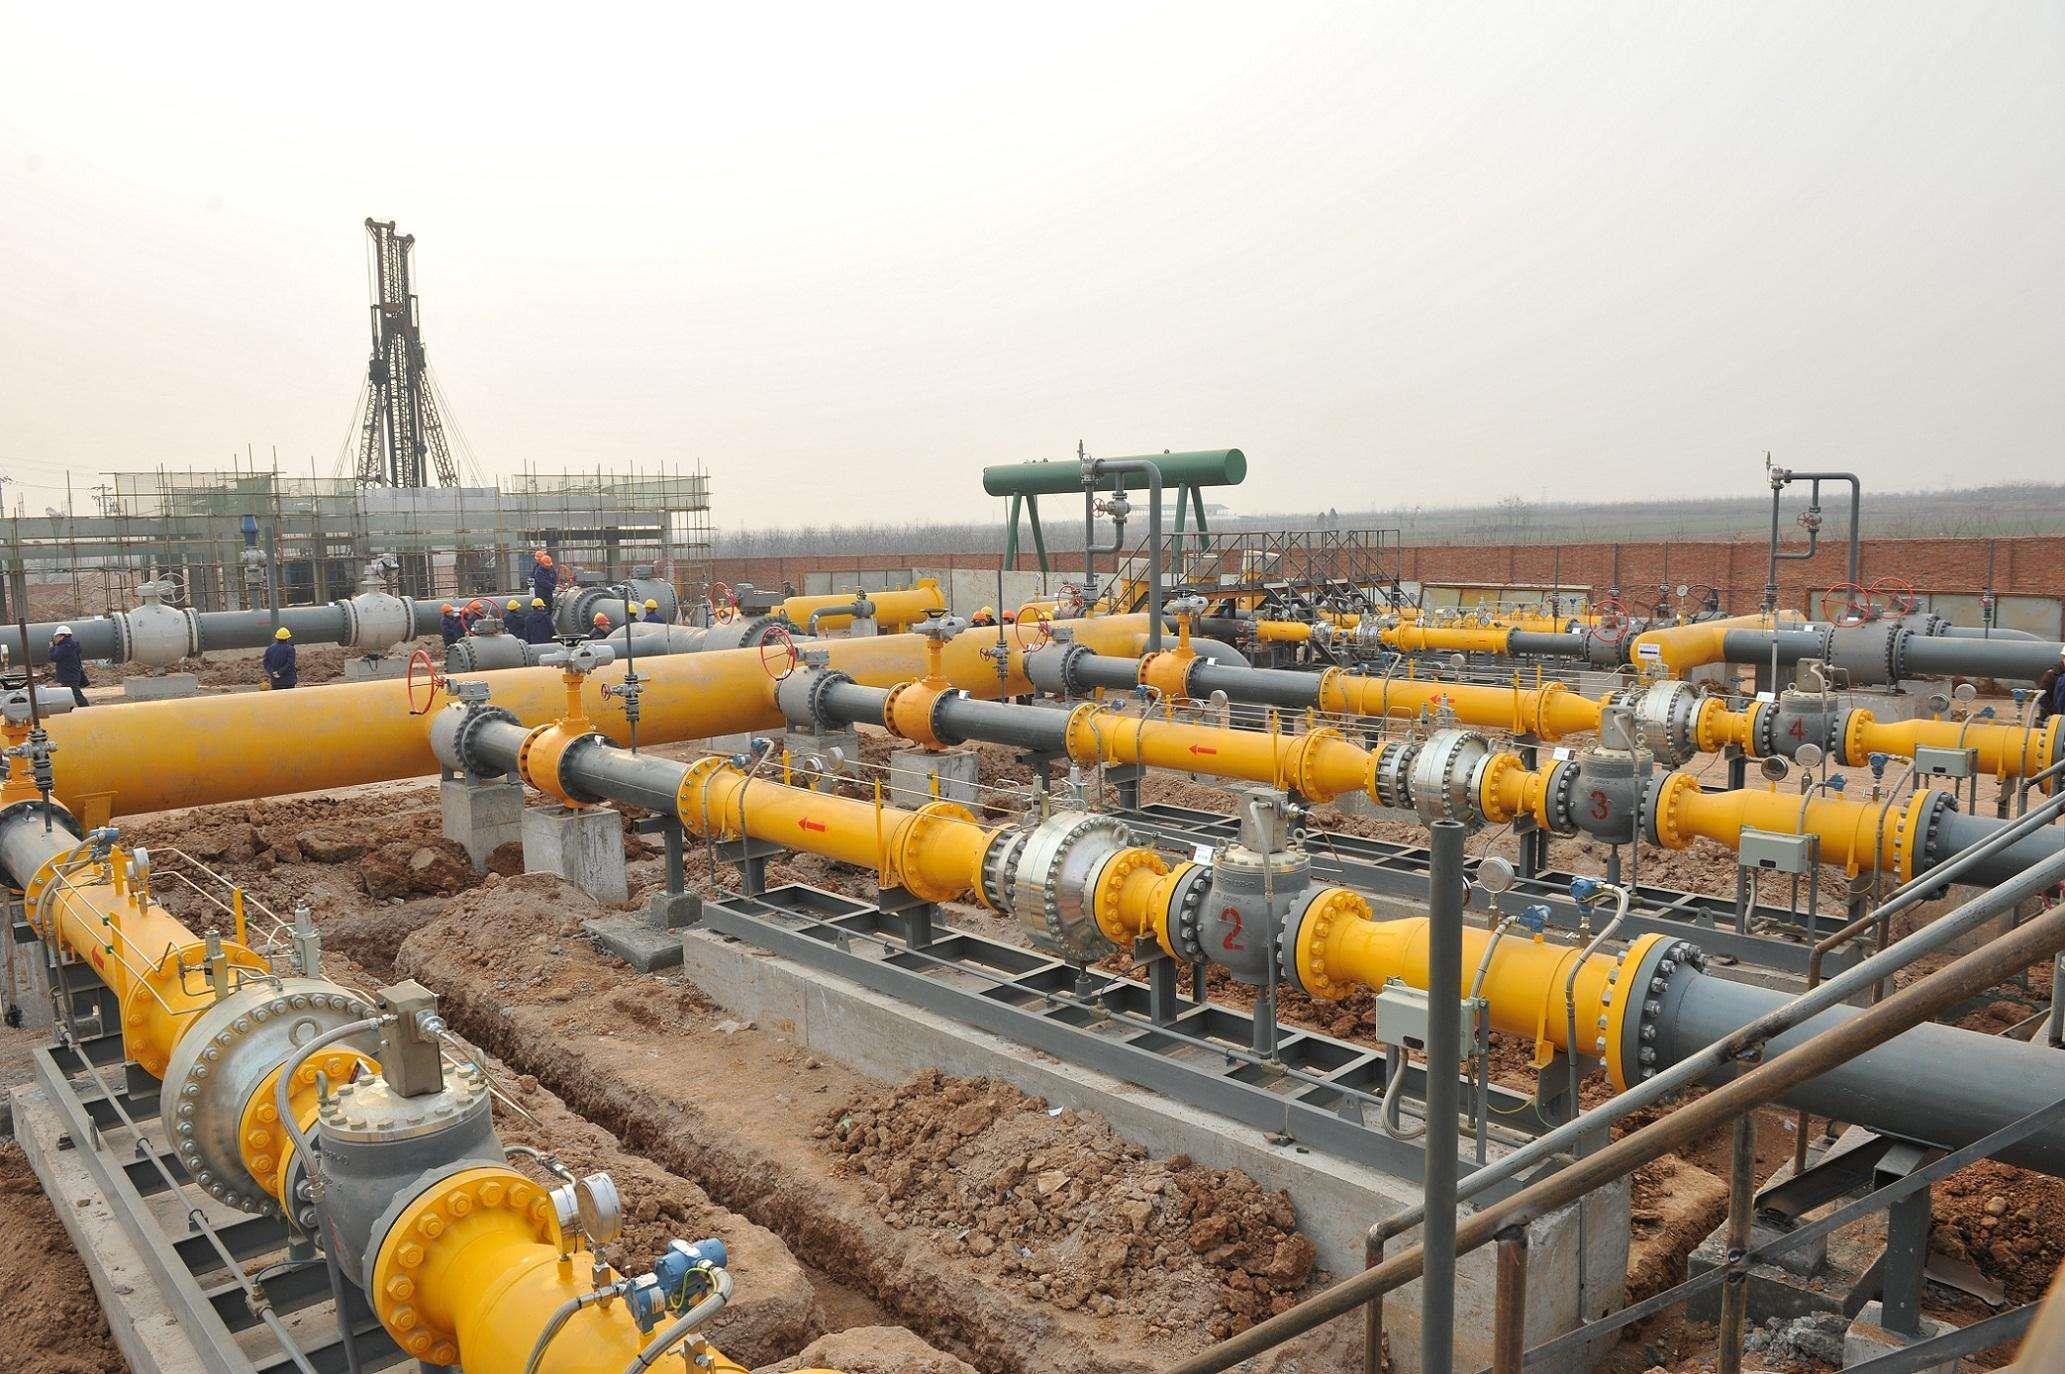 杭州开建国内机场规模最大天然气分布式能源项目